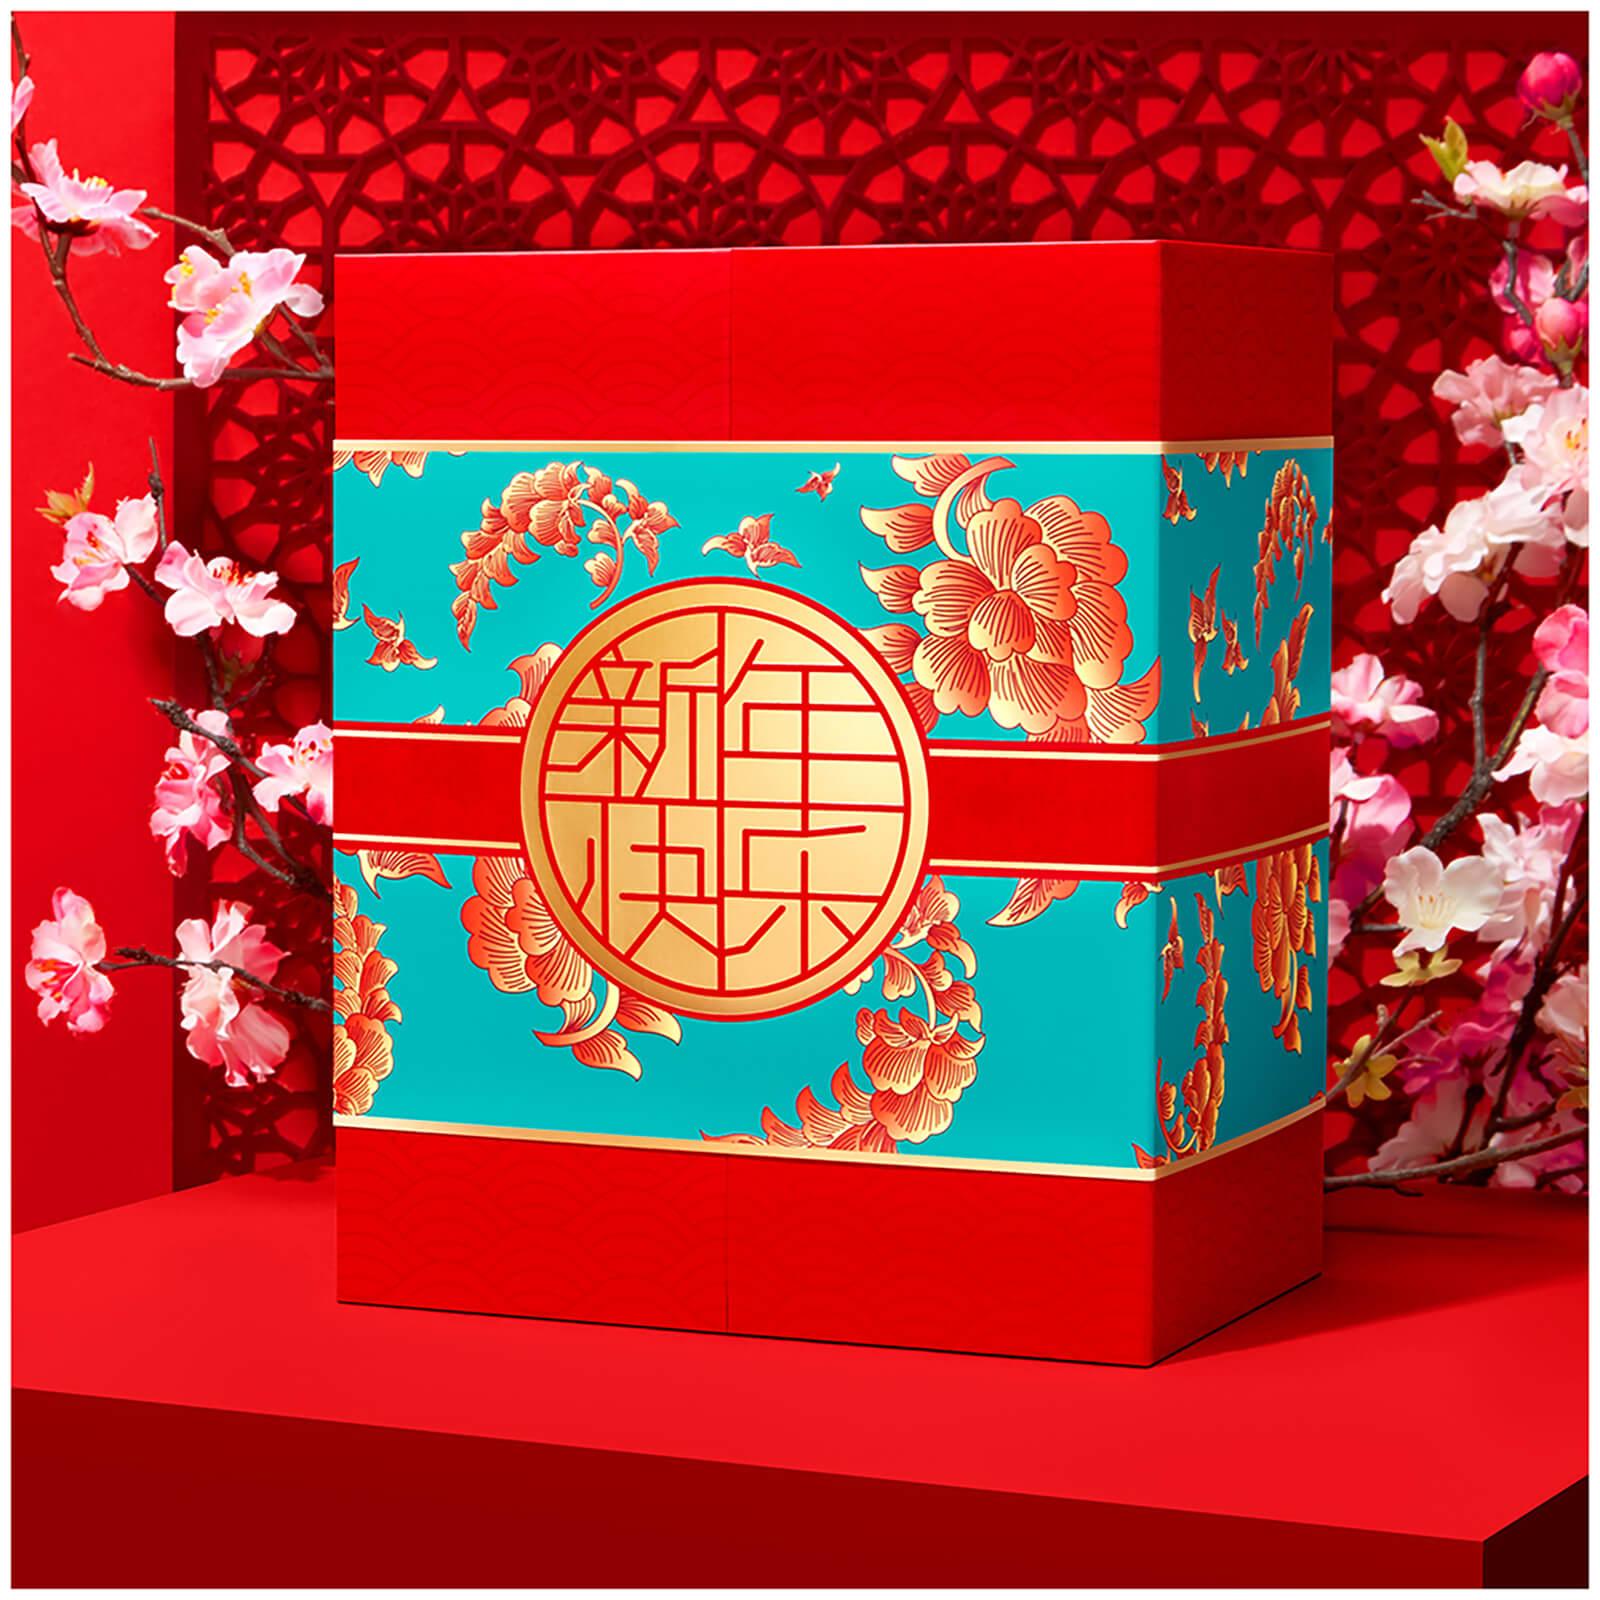 德国站不甘落后!2020 lookfantastic 中国新年春意繁花盒